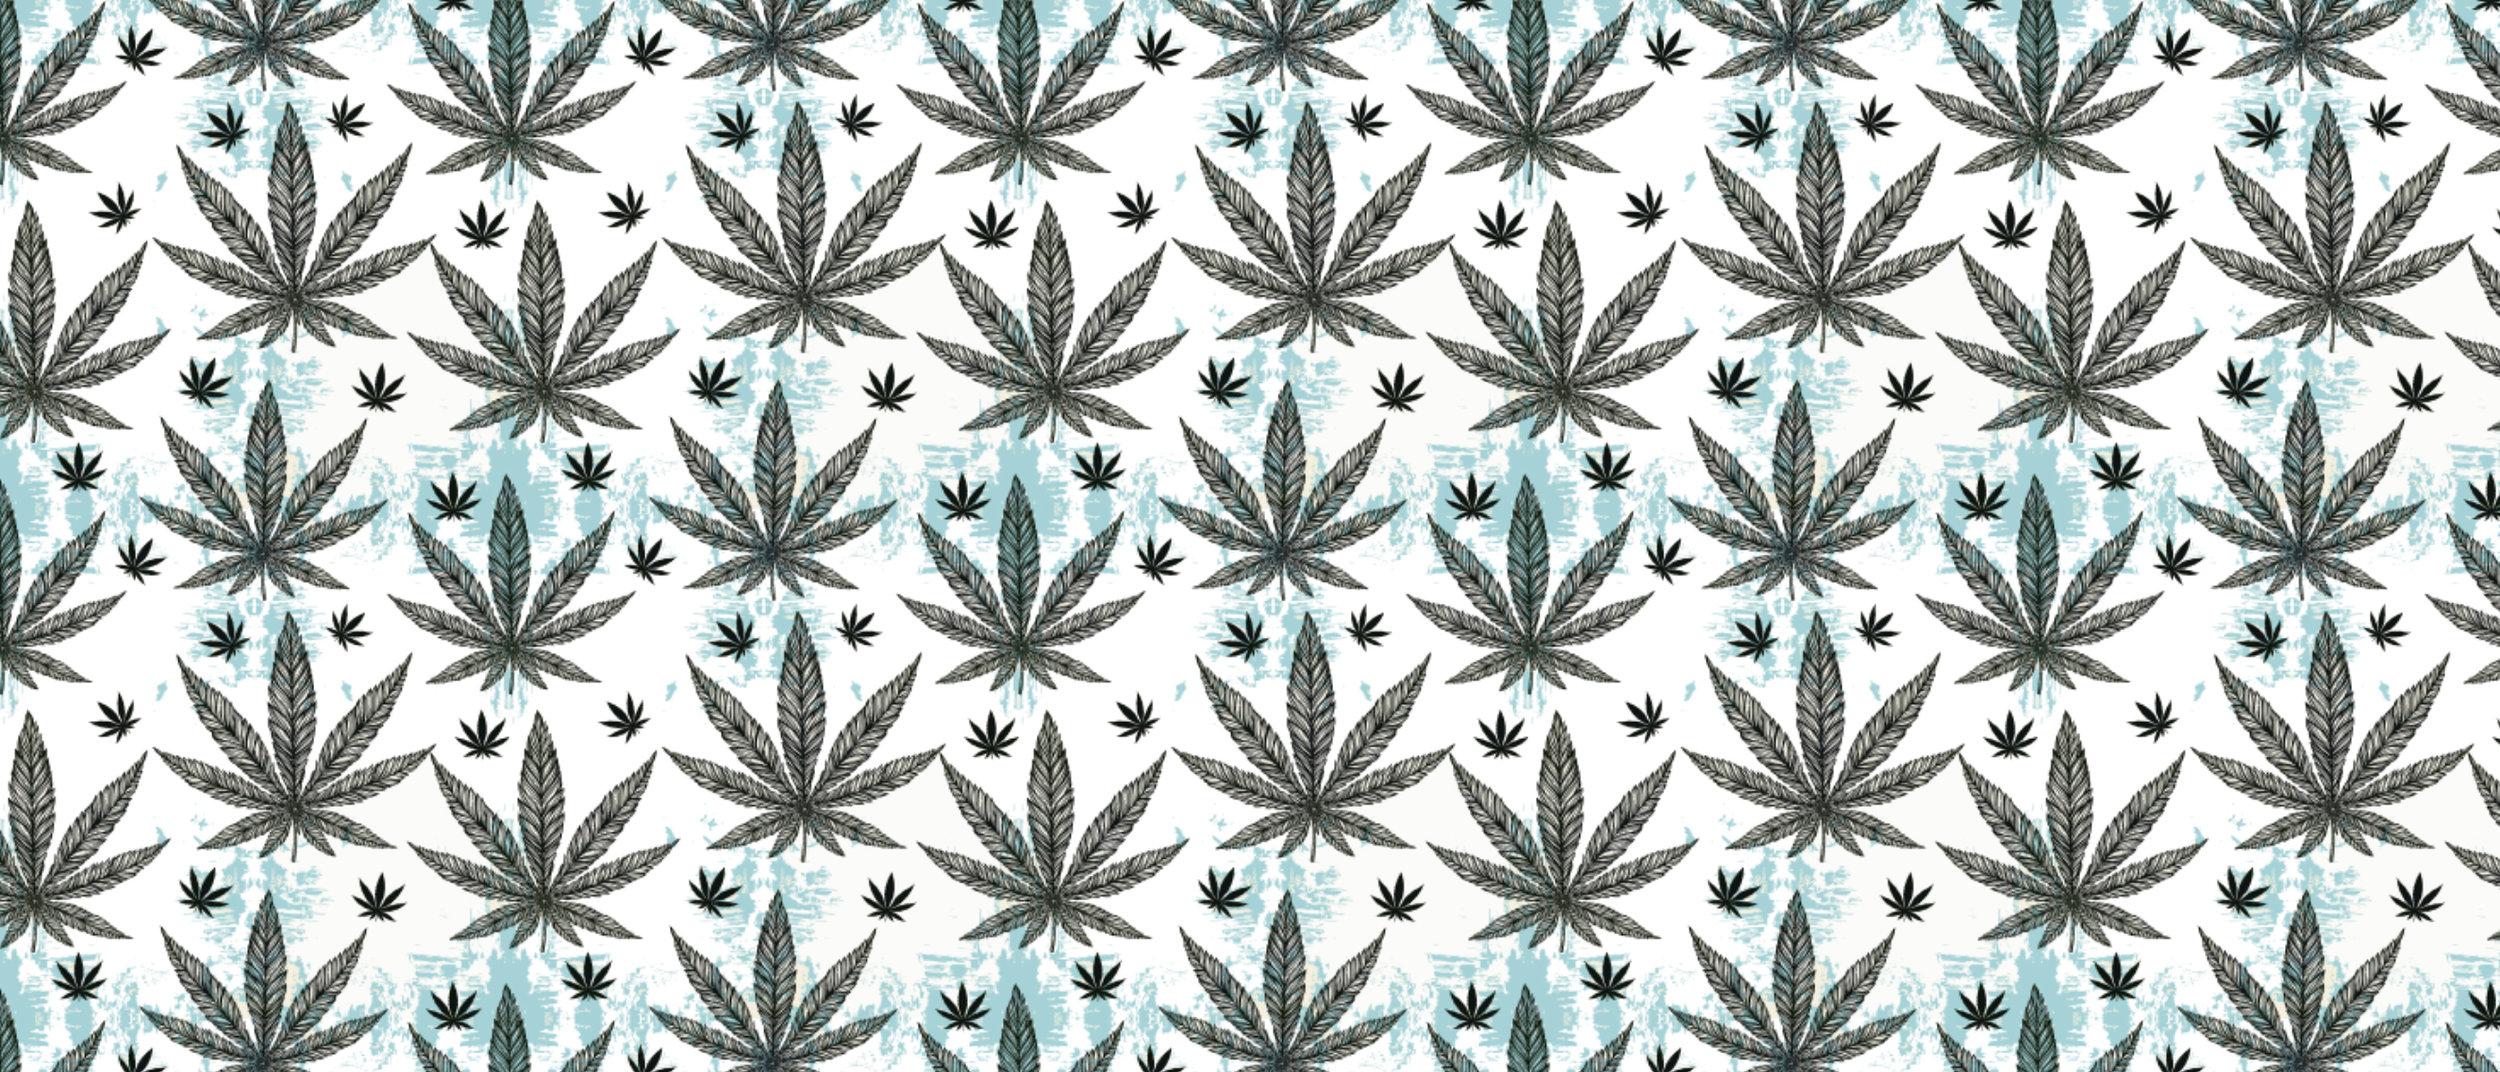 weedpatternfooter.jpg